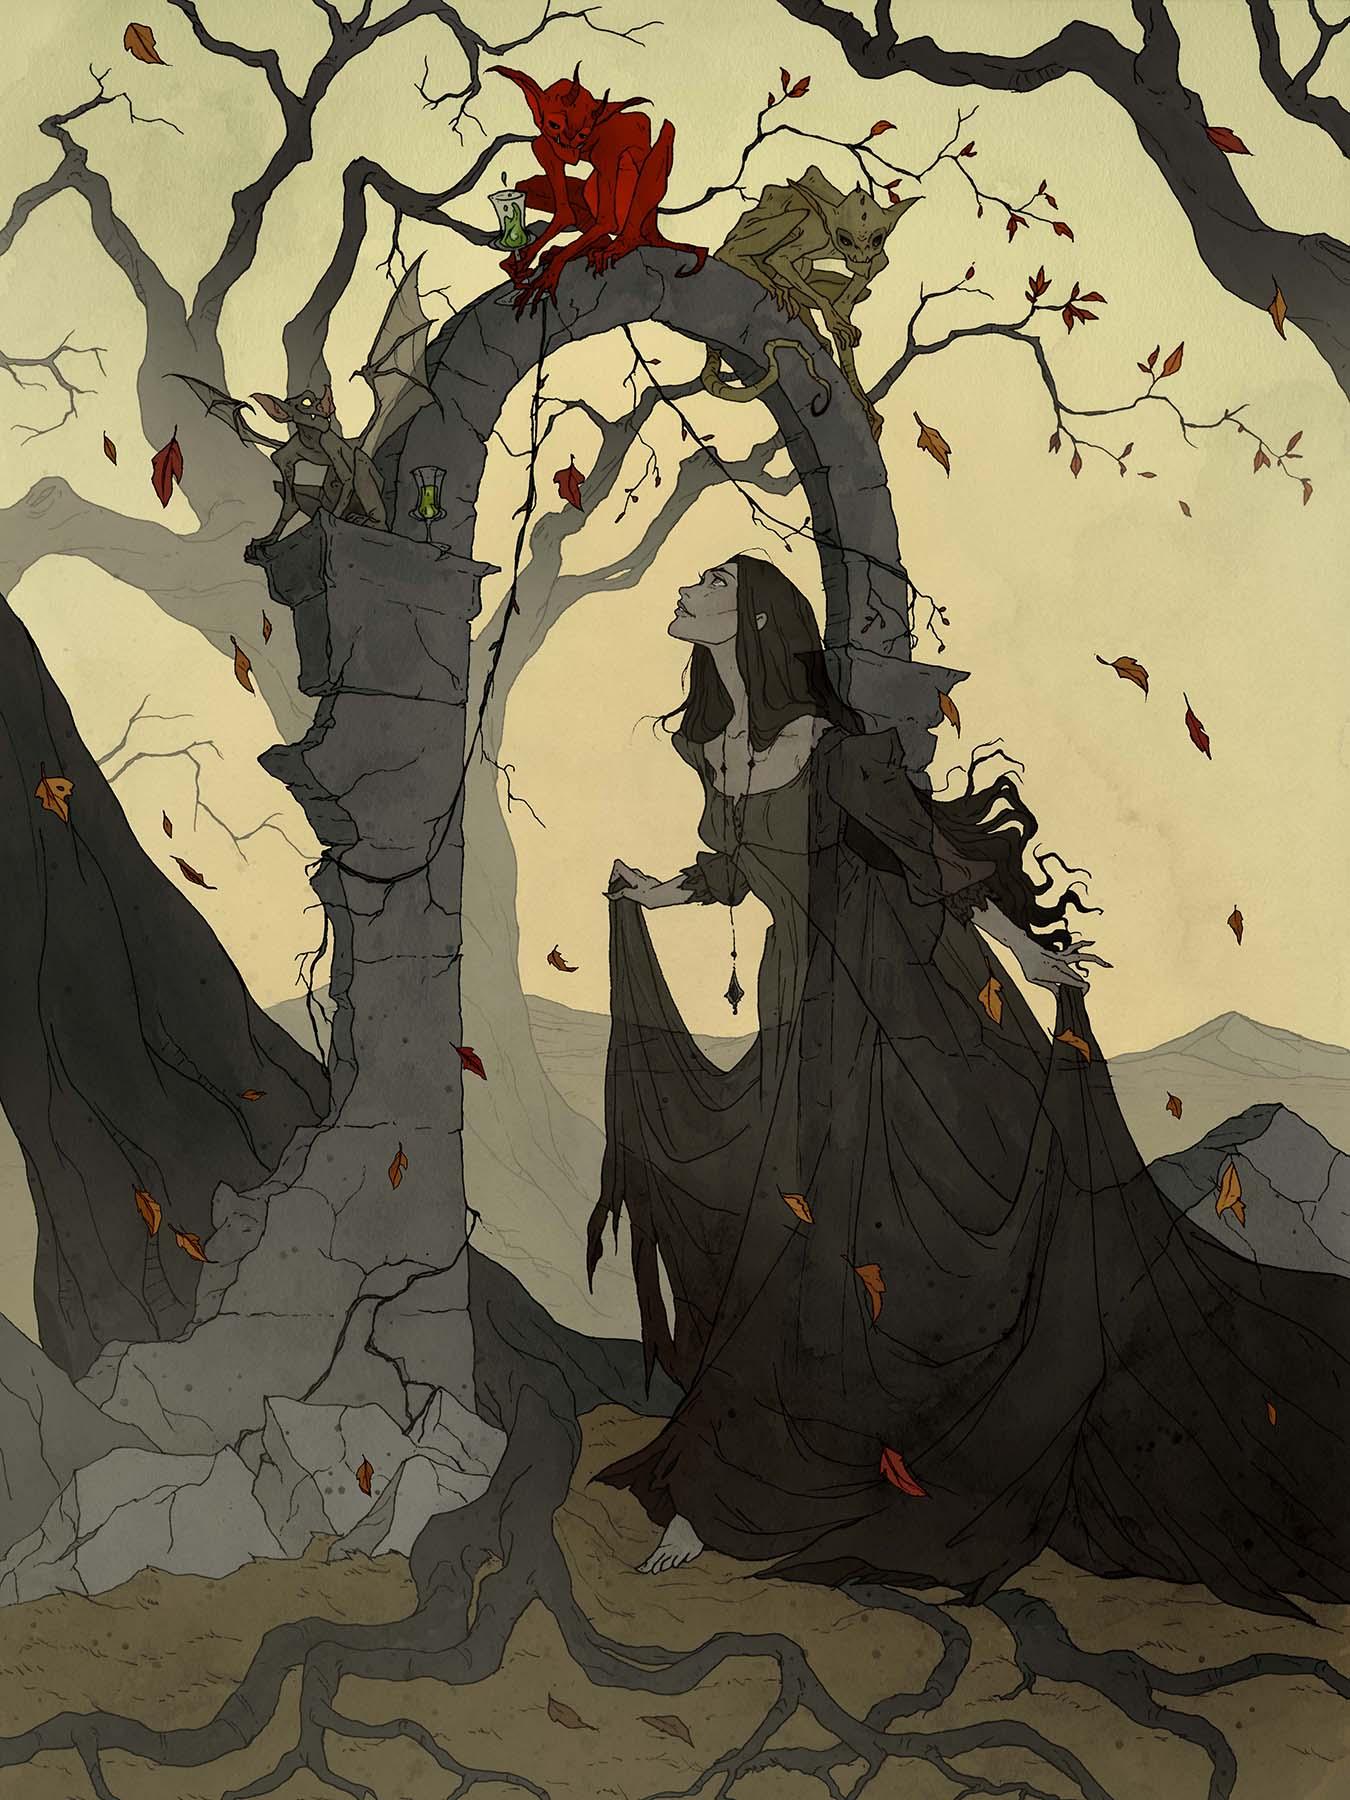 Image de l'artbook Crimson d'Abigail Larson. Apparition.